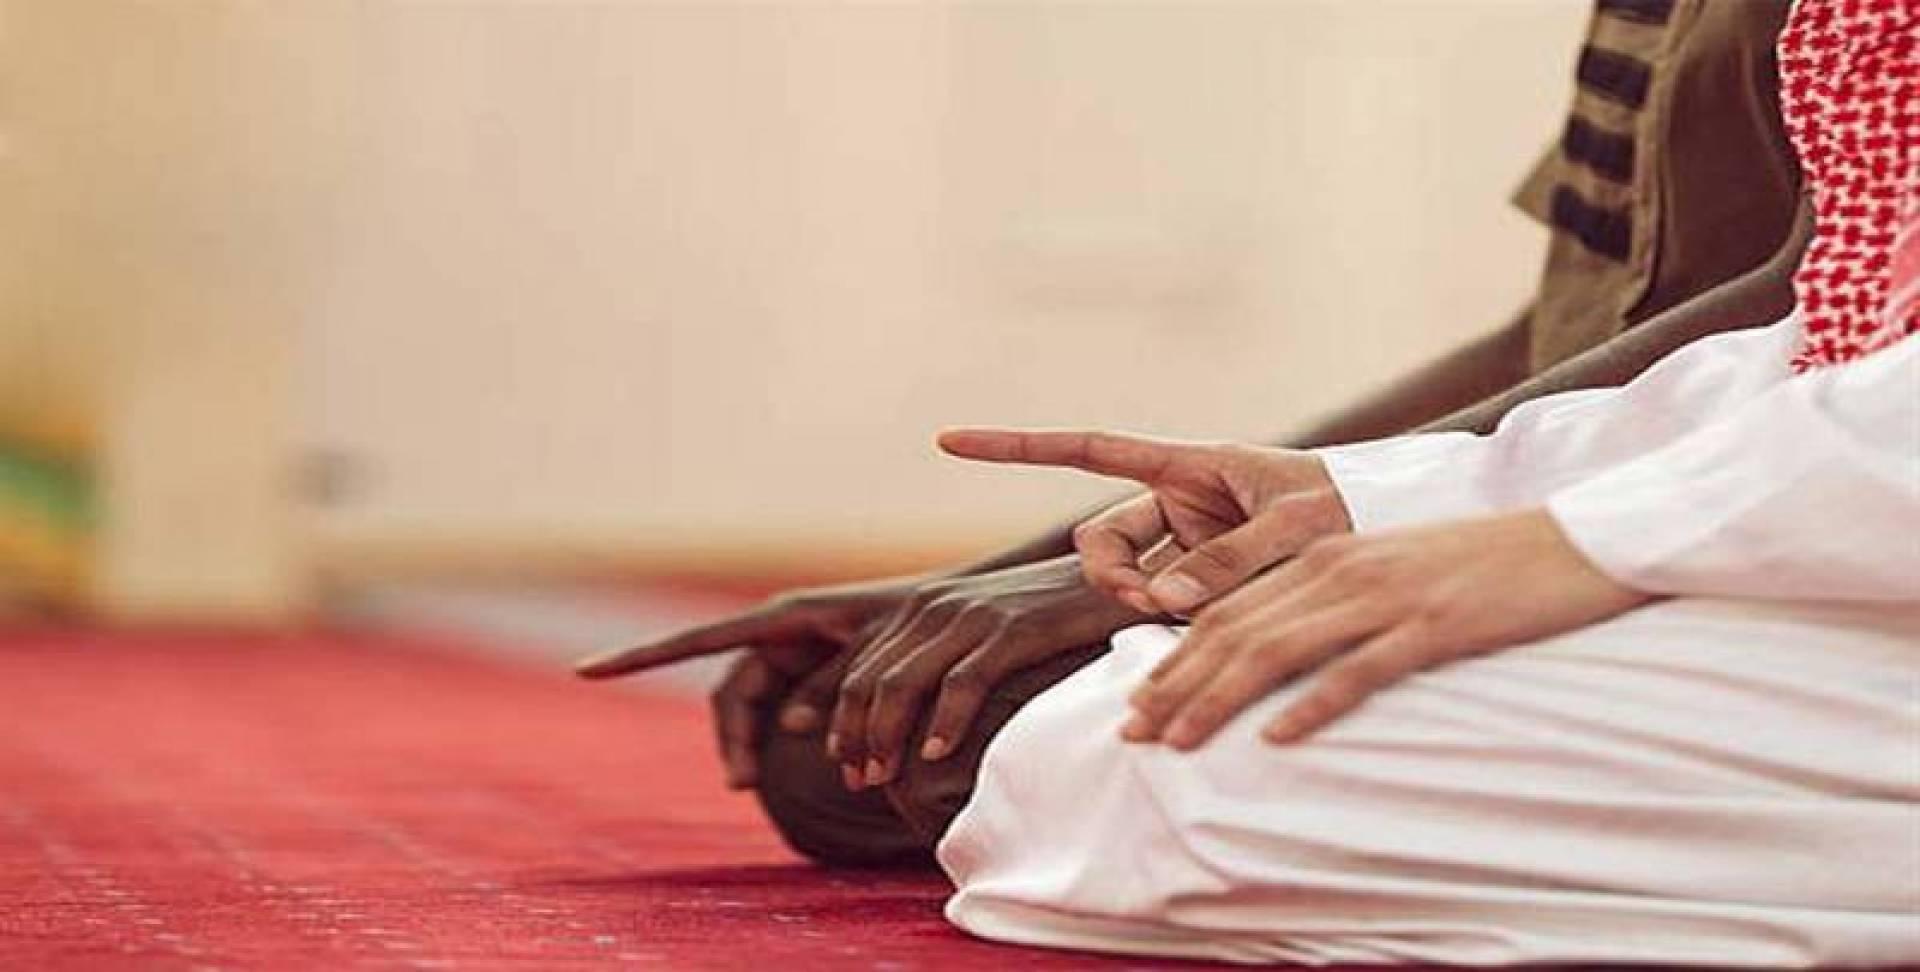 الفتح على الإمام في الصلاة